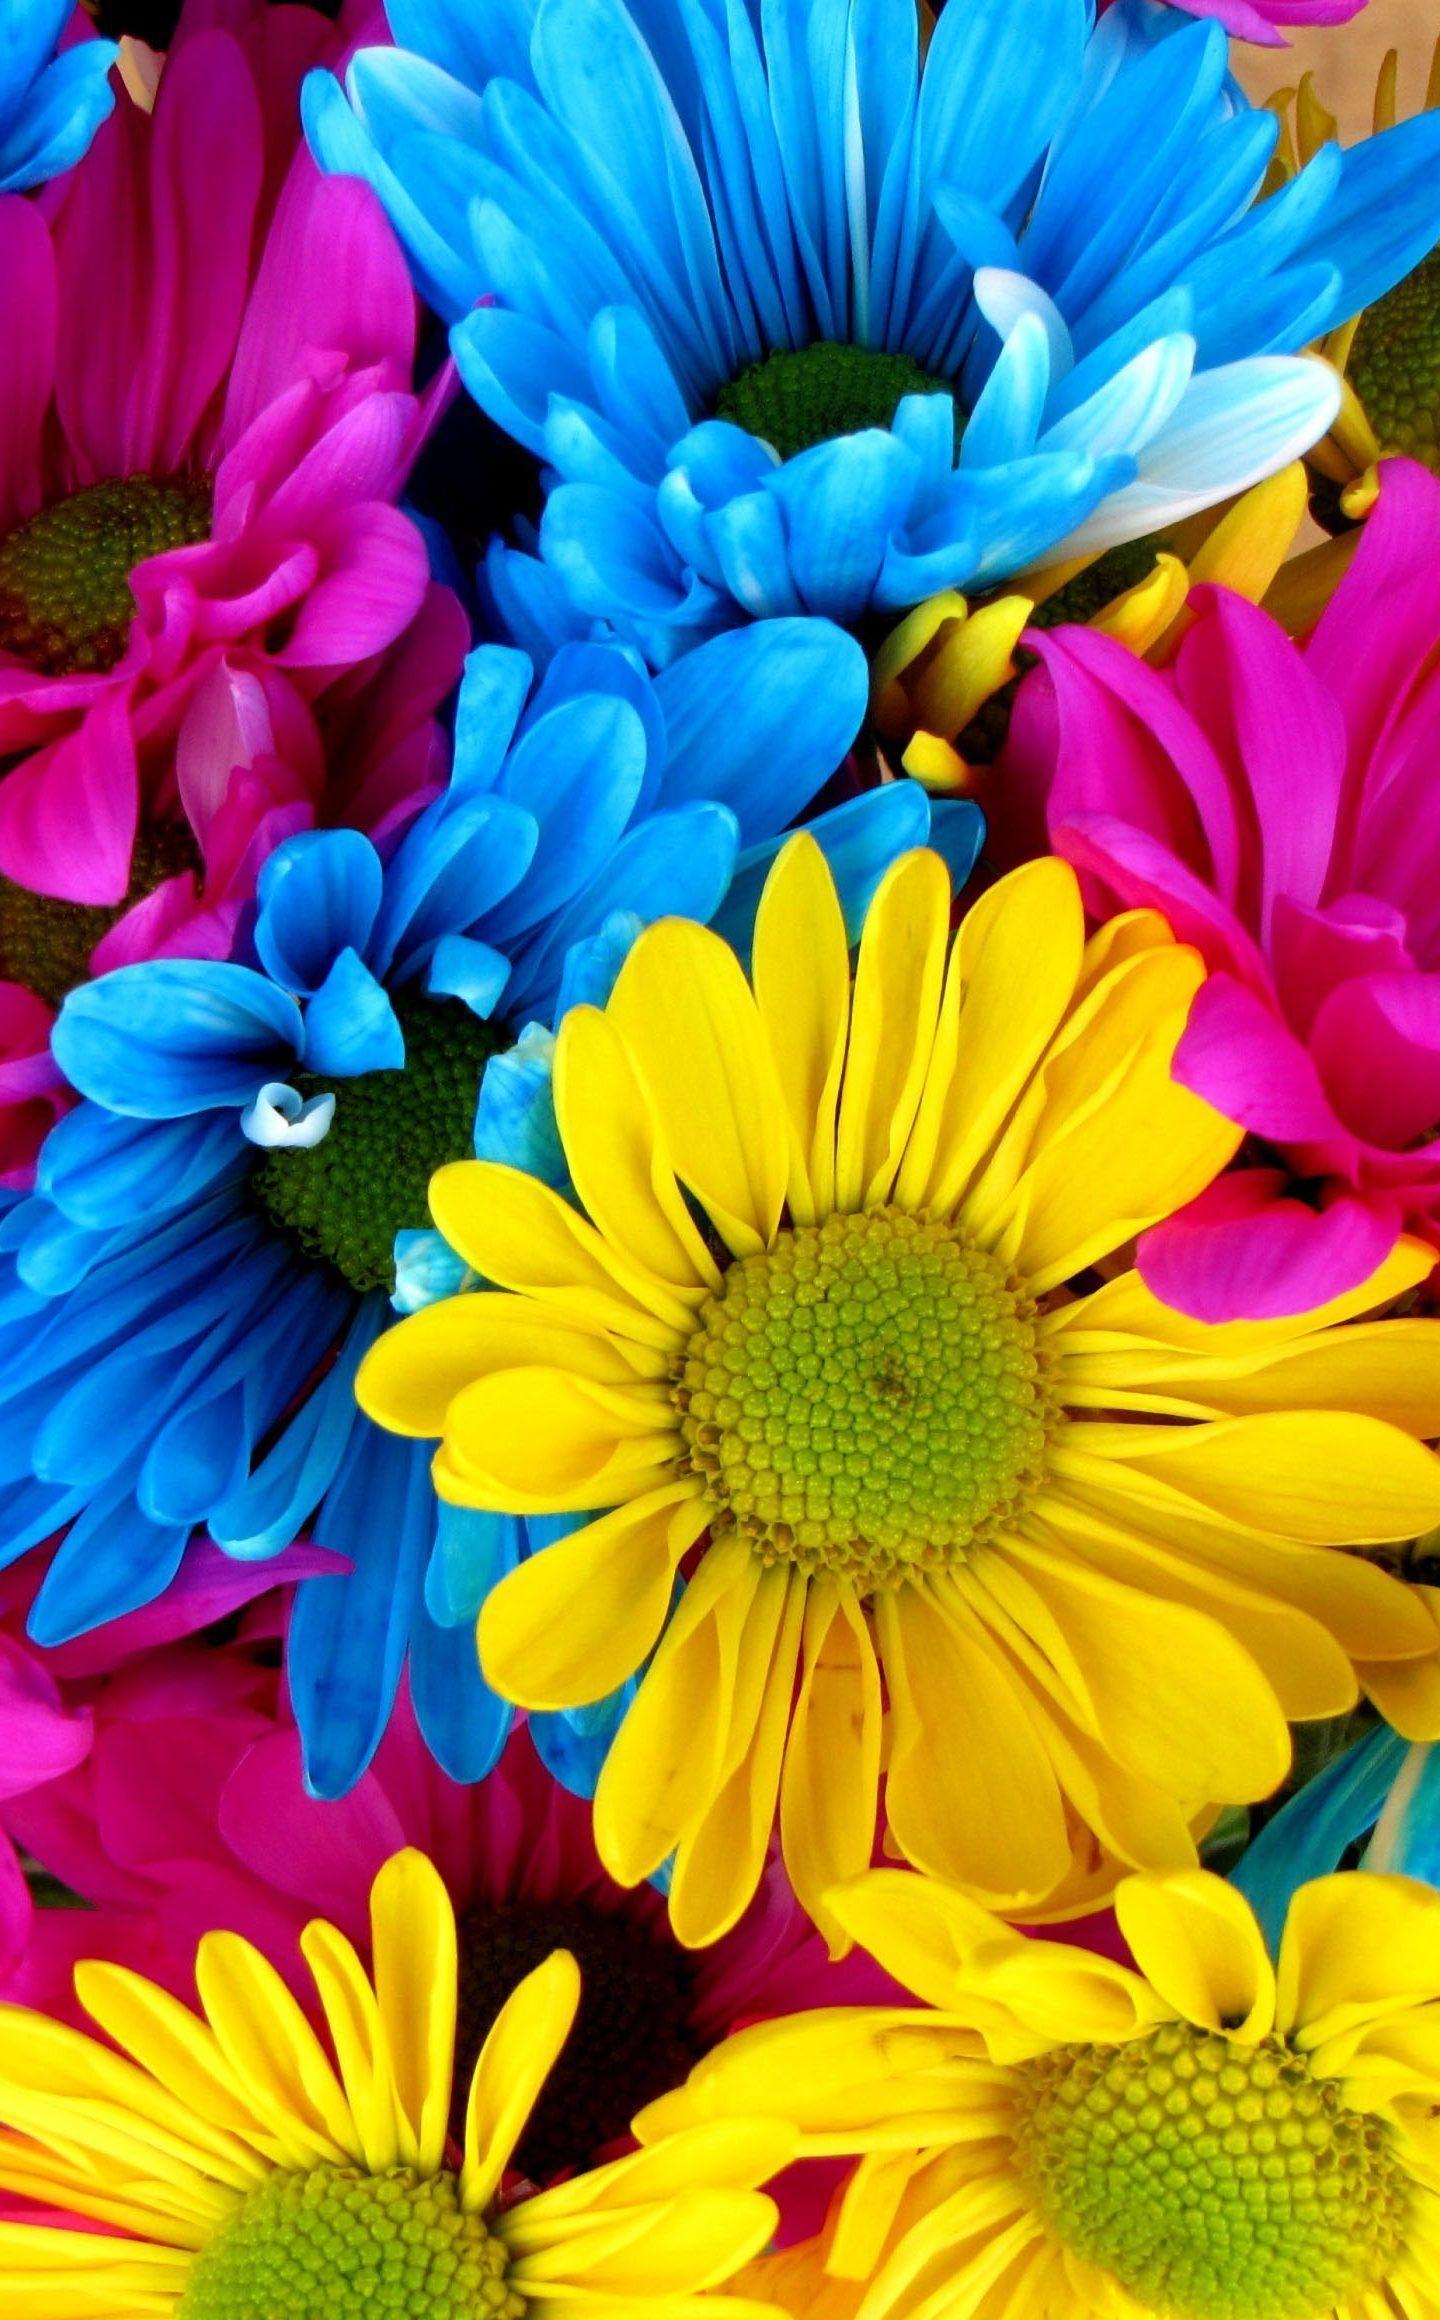 1440x2320 Hoa đầy màu sắc xanh vàng hồng hình nền 4K